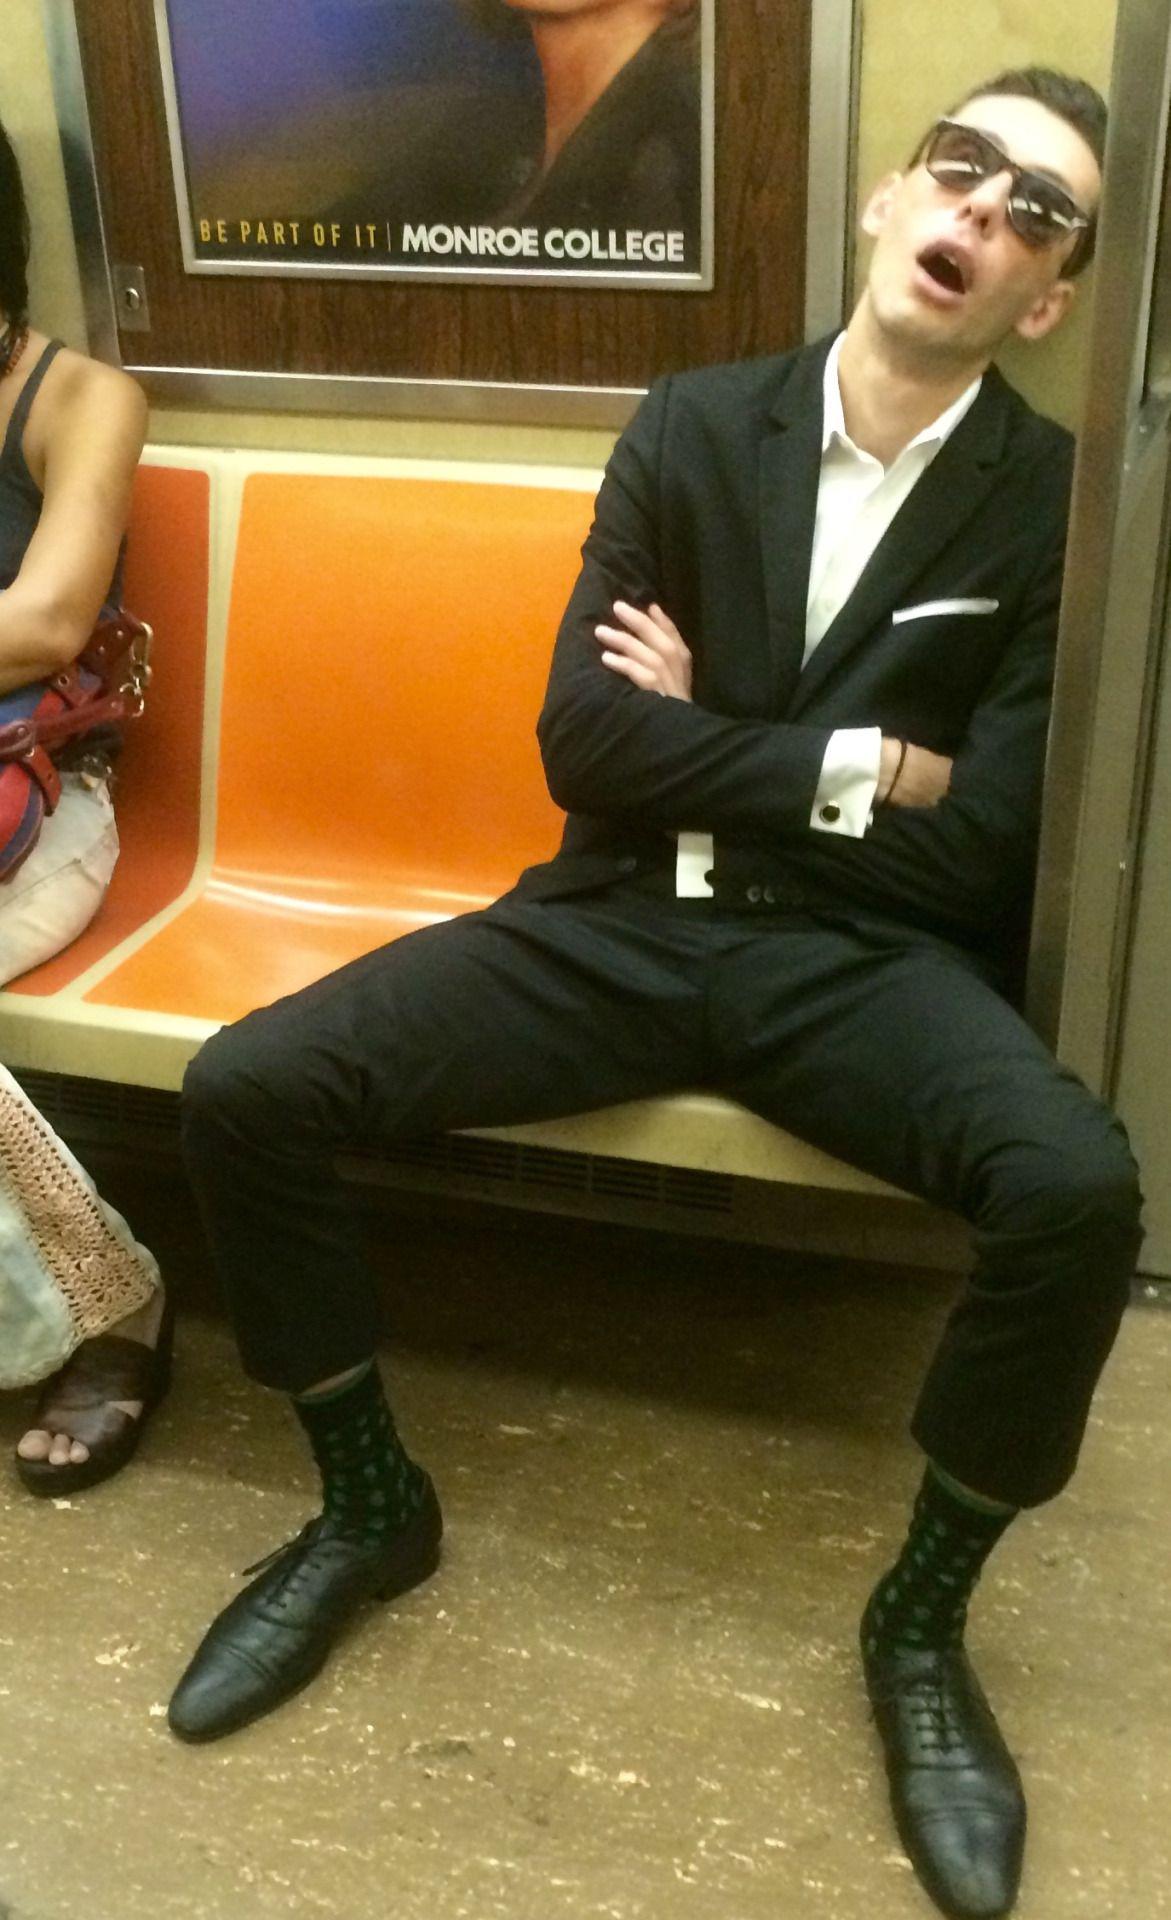 Brooklyn-bound R train